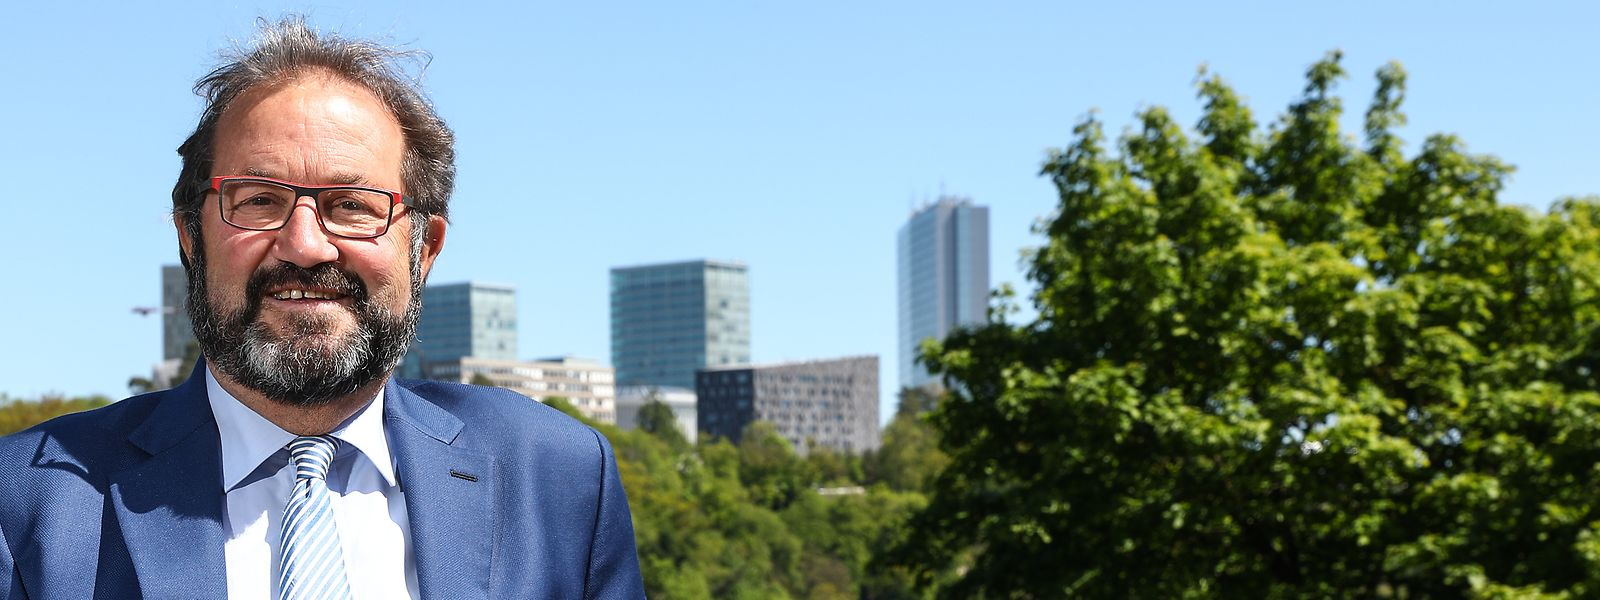 Gibéryen - sollte er gewählt werden - will sein Mandat in Straßburg in jedem Fall antreten.